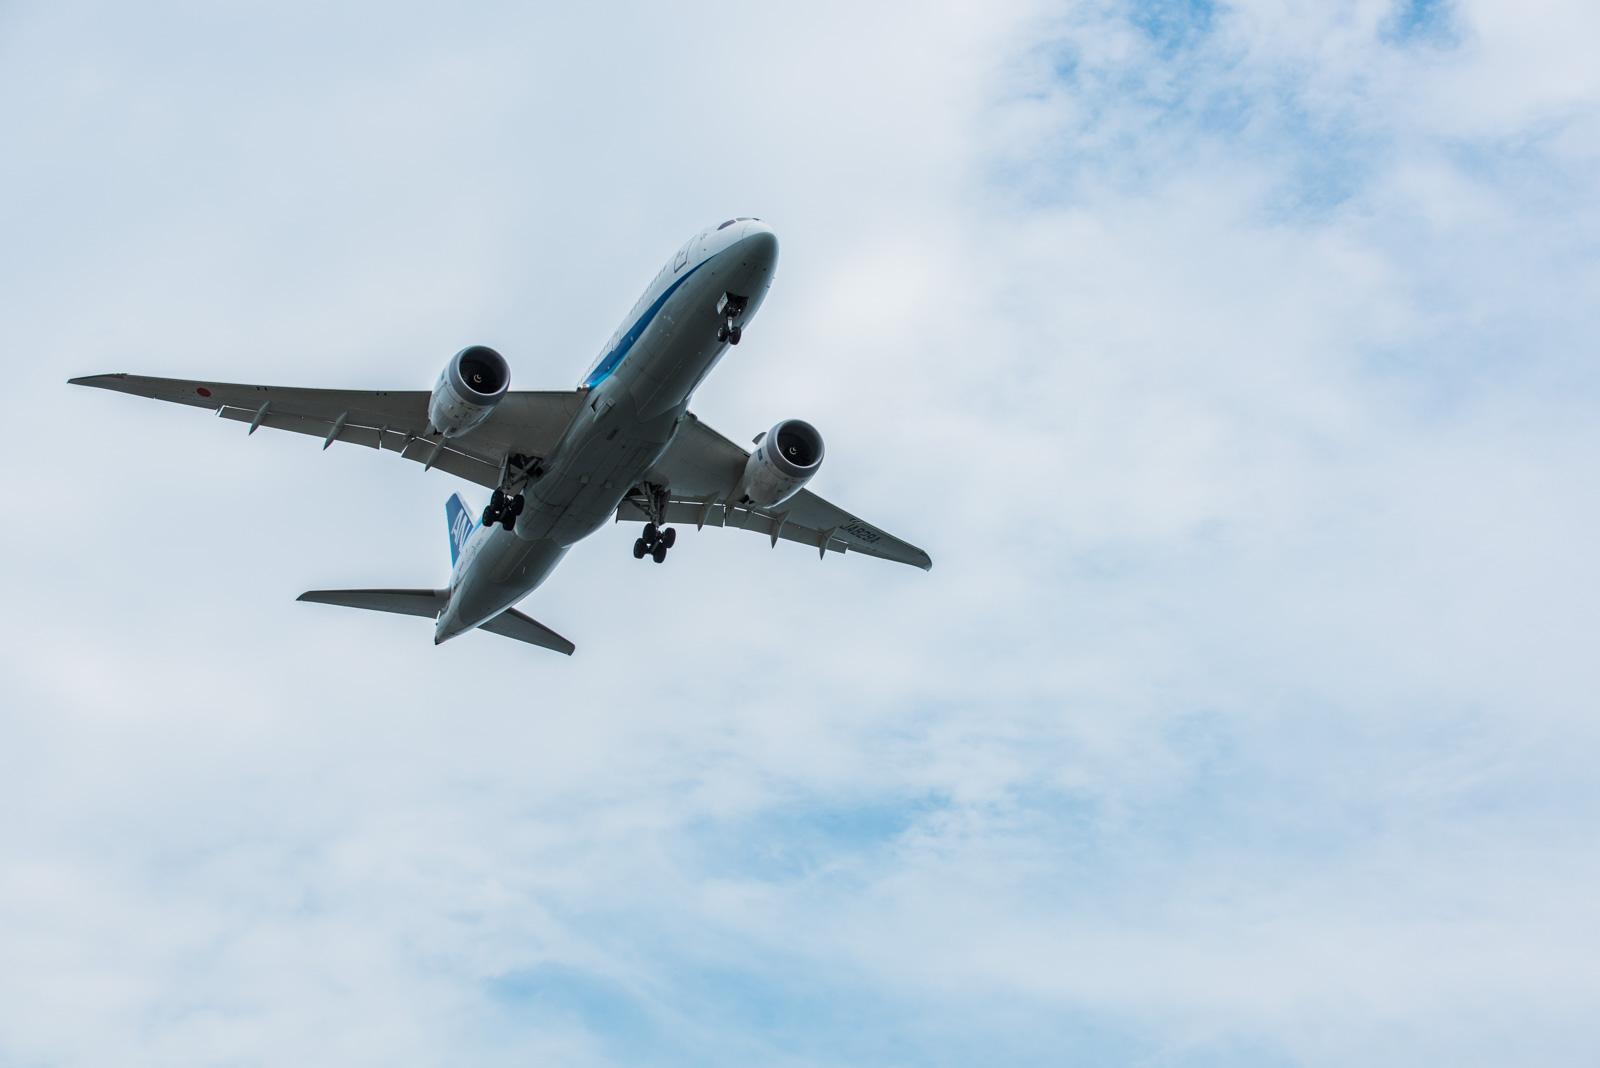 羽田アンダージェットの聖地、城南島海浜公園で飛行機の腹を撮影してみる